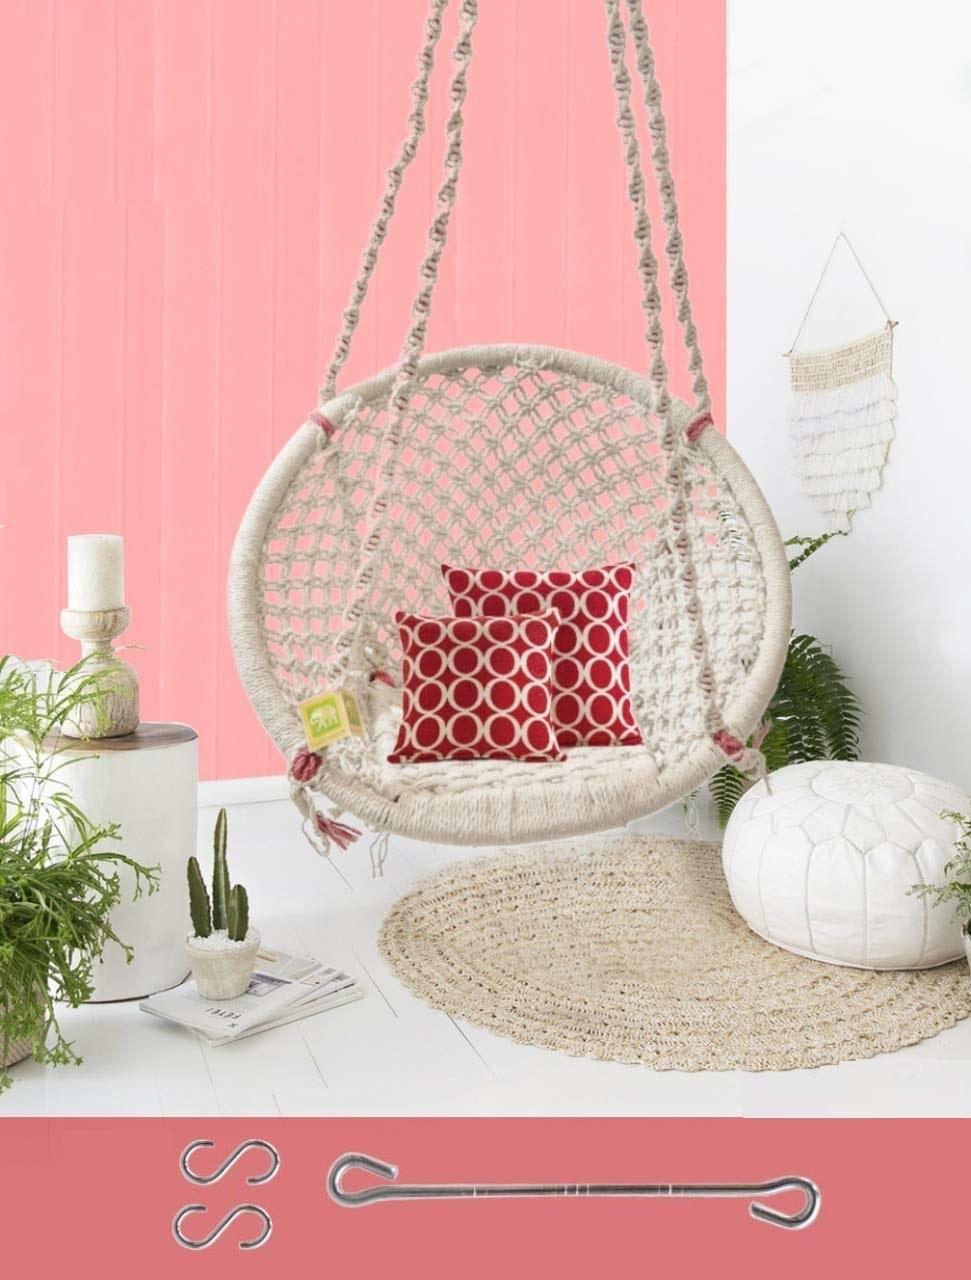 A white swing chair